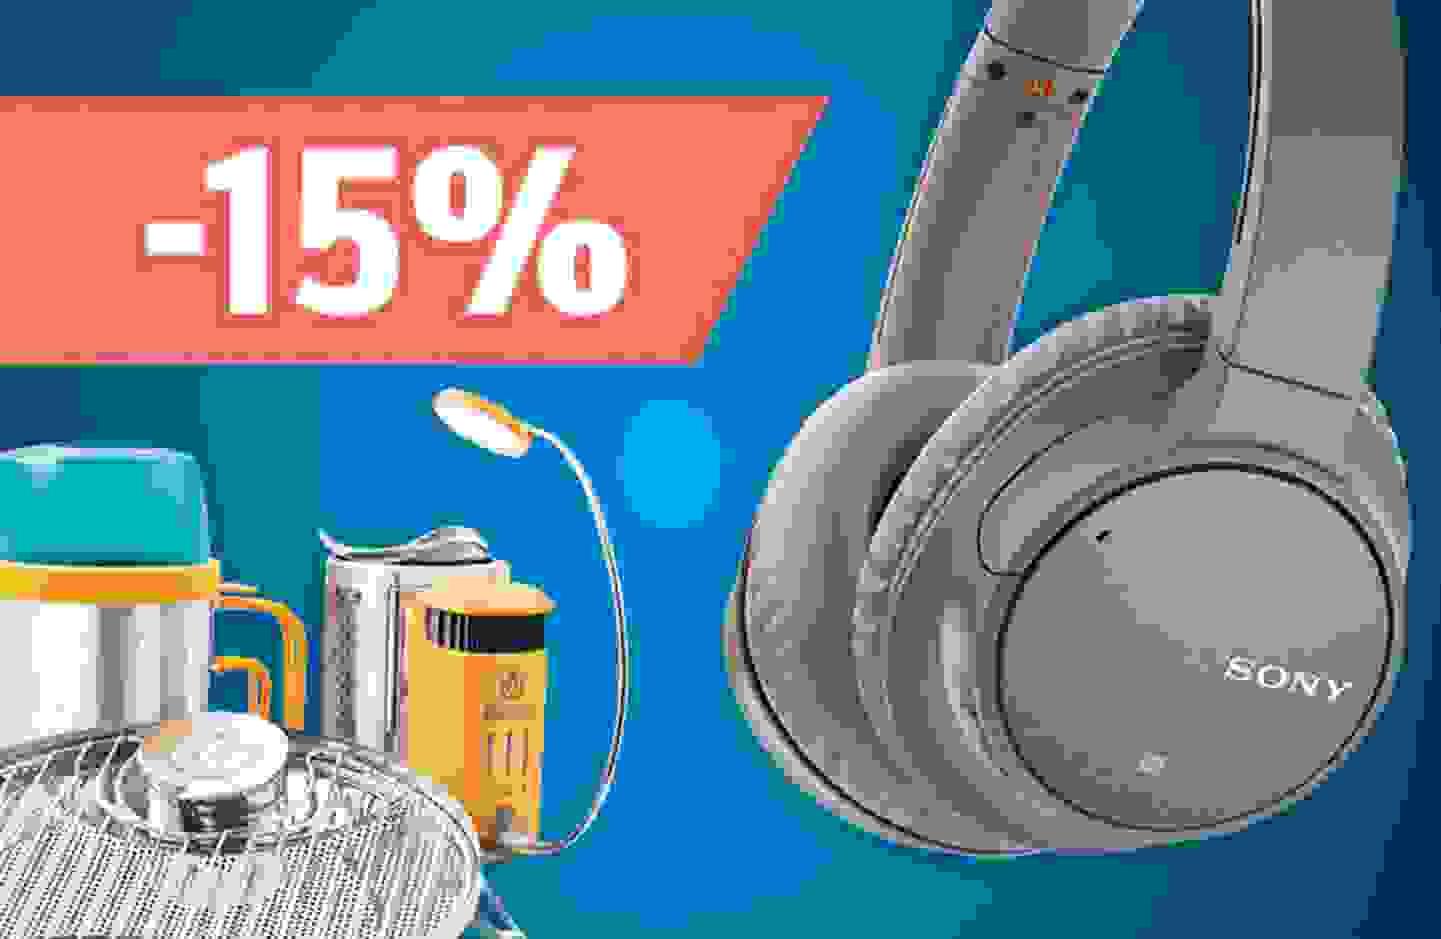 Sortimentsrabatt: 15% Rabatt auf alle Kopfhörer und das gesamte Camping und Outdoor-Sortiment - Jetzt profitieren »